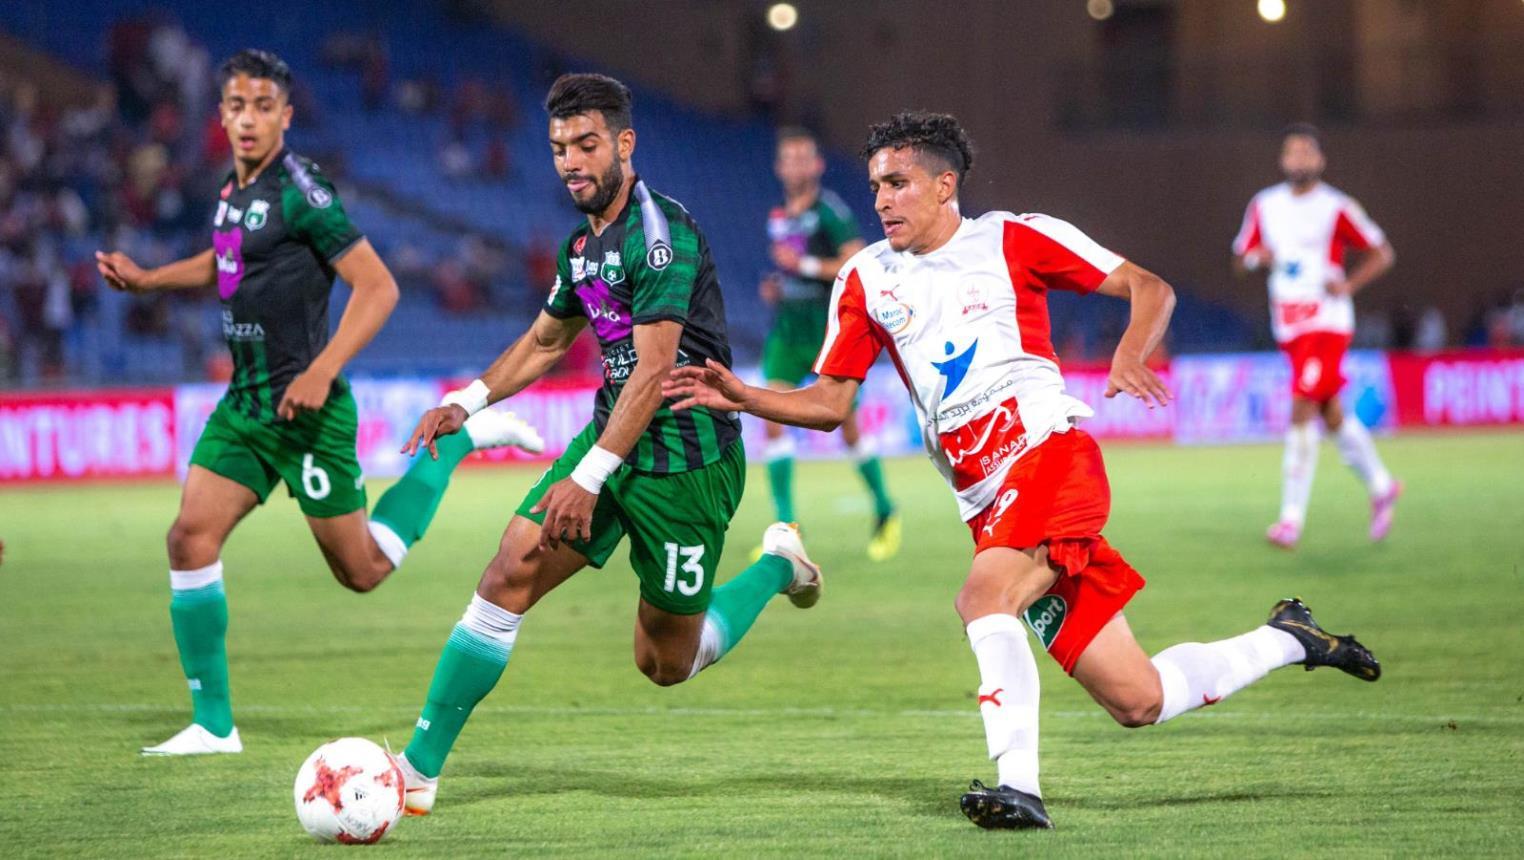 الاتحاد المغربي يُكذب تقارير إلغاء الدوري المغربي